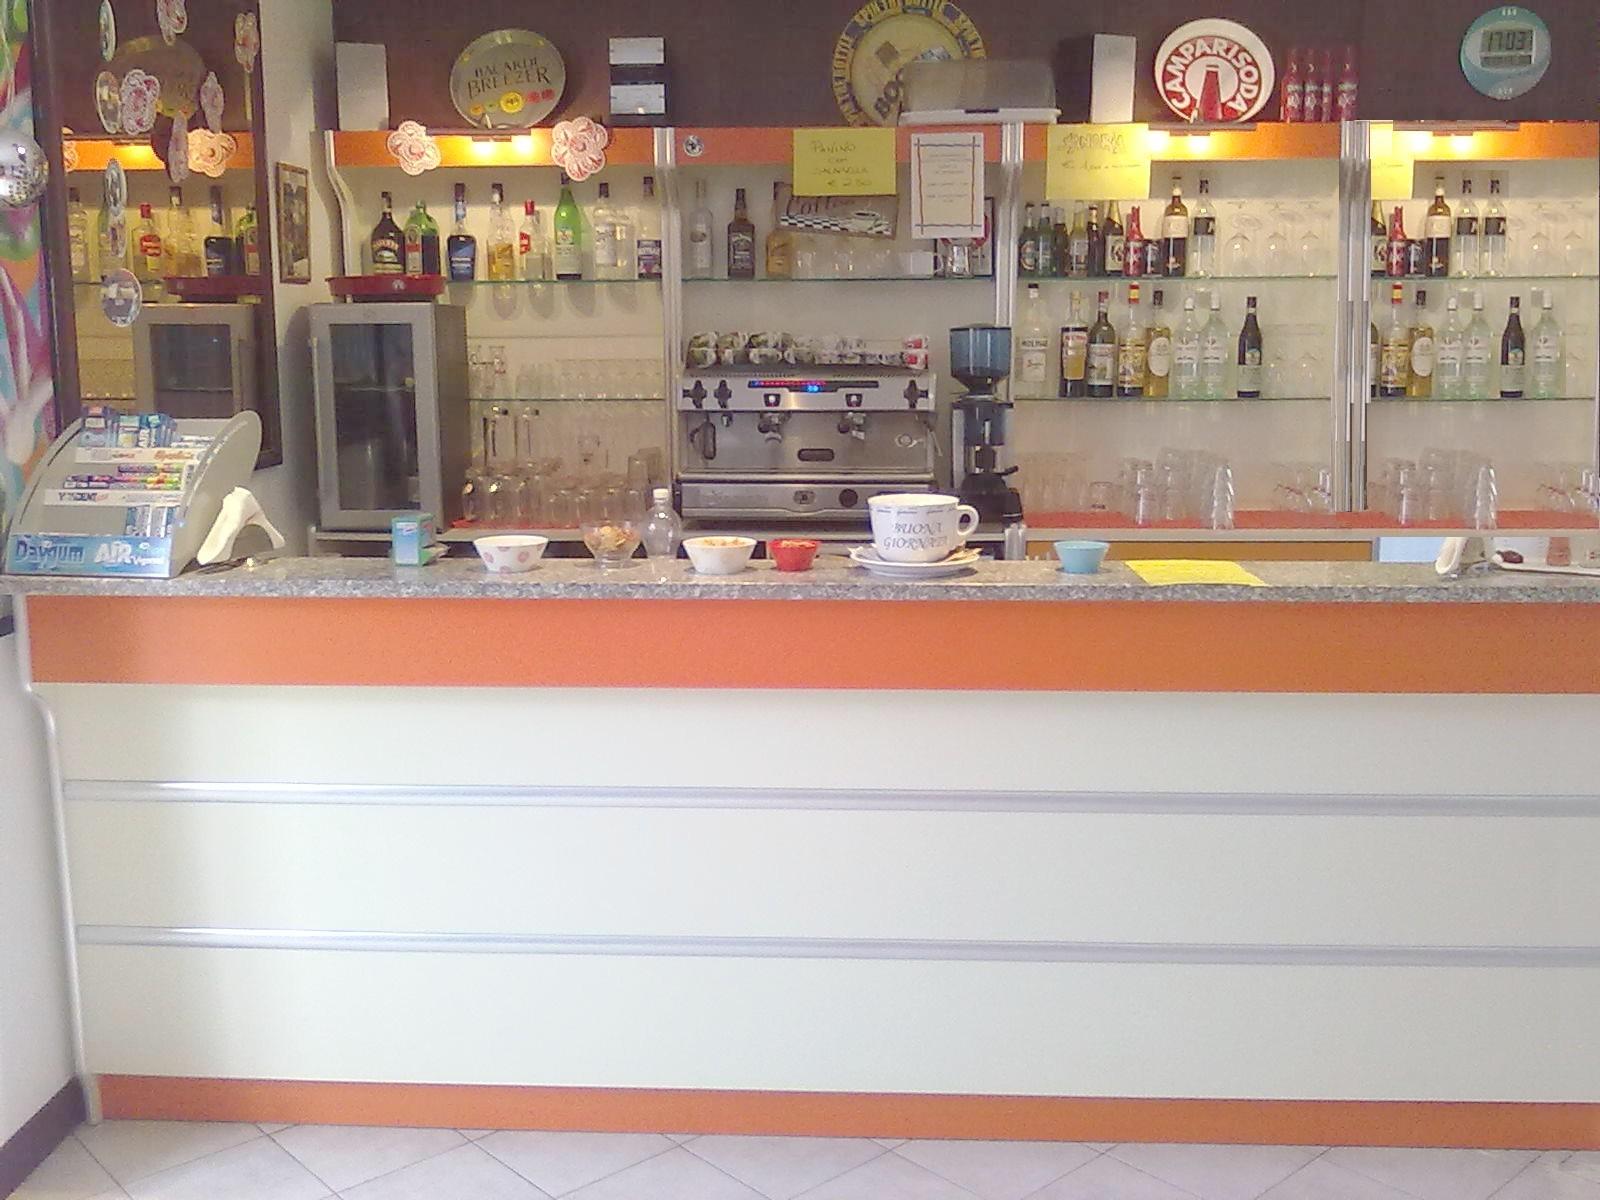 Bancone bar usato offerte banco bar gastronomia usato l for Banconi bar usati prezzi